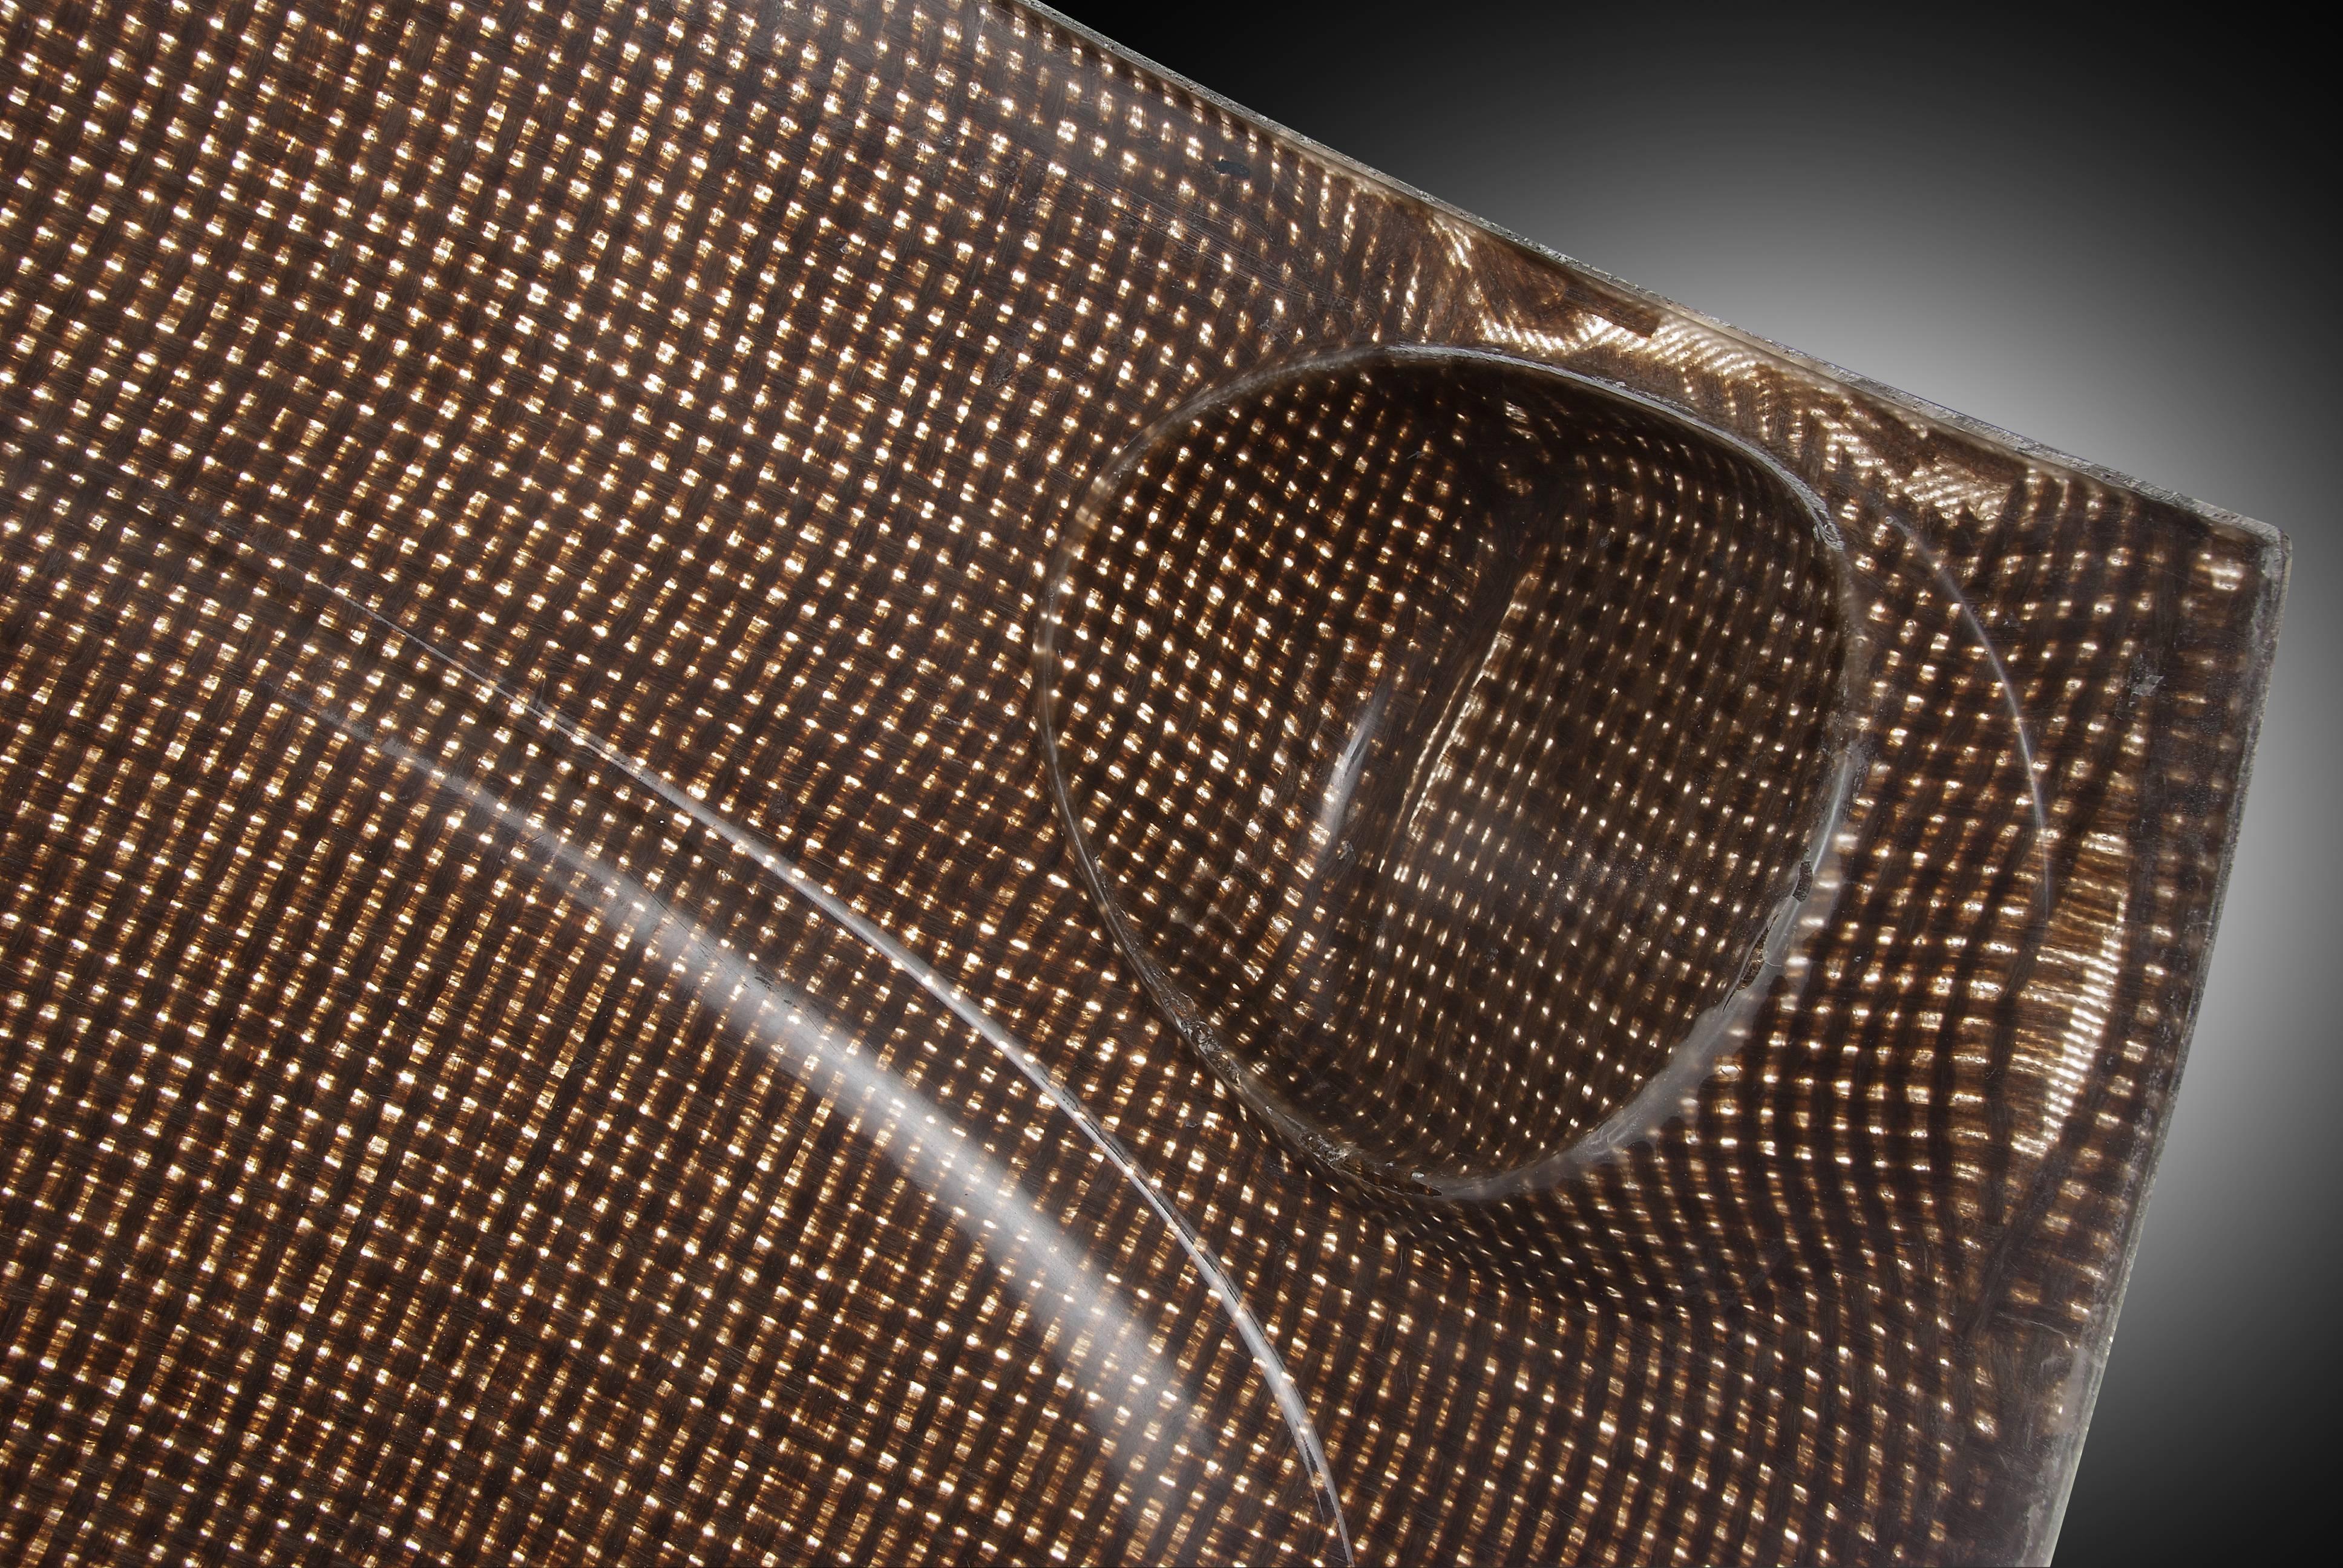 Une nouvelle filière de matériaux thermoplastiques en développement